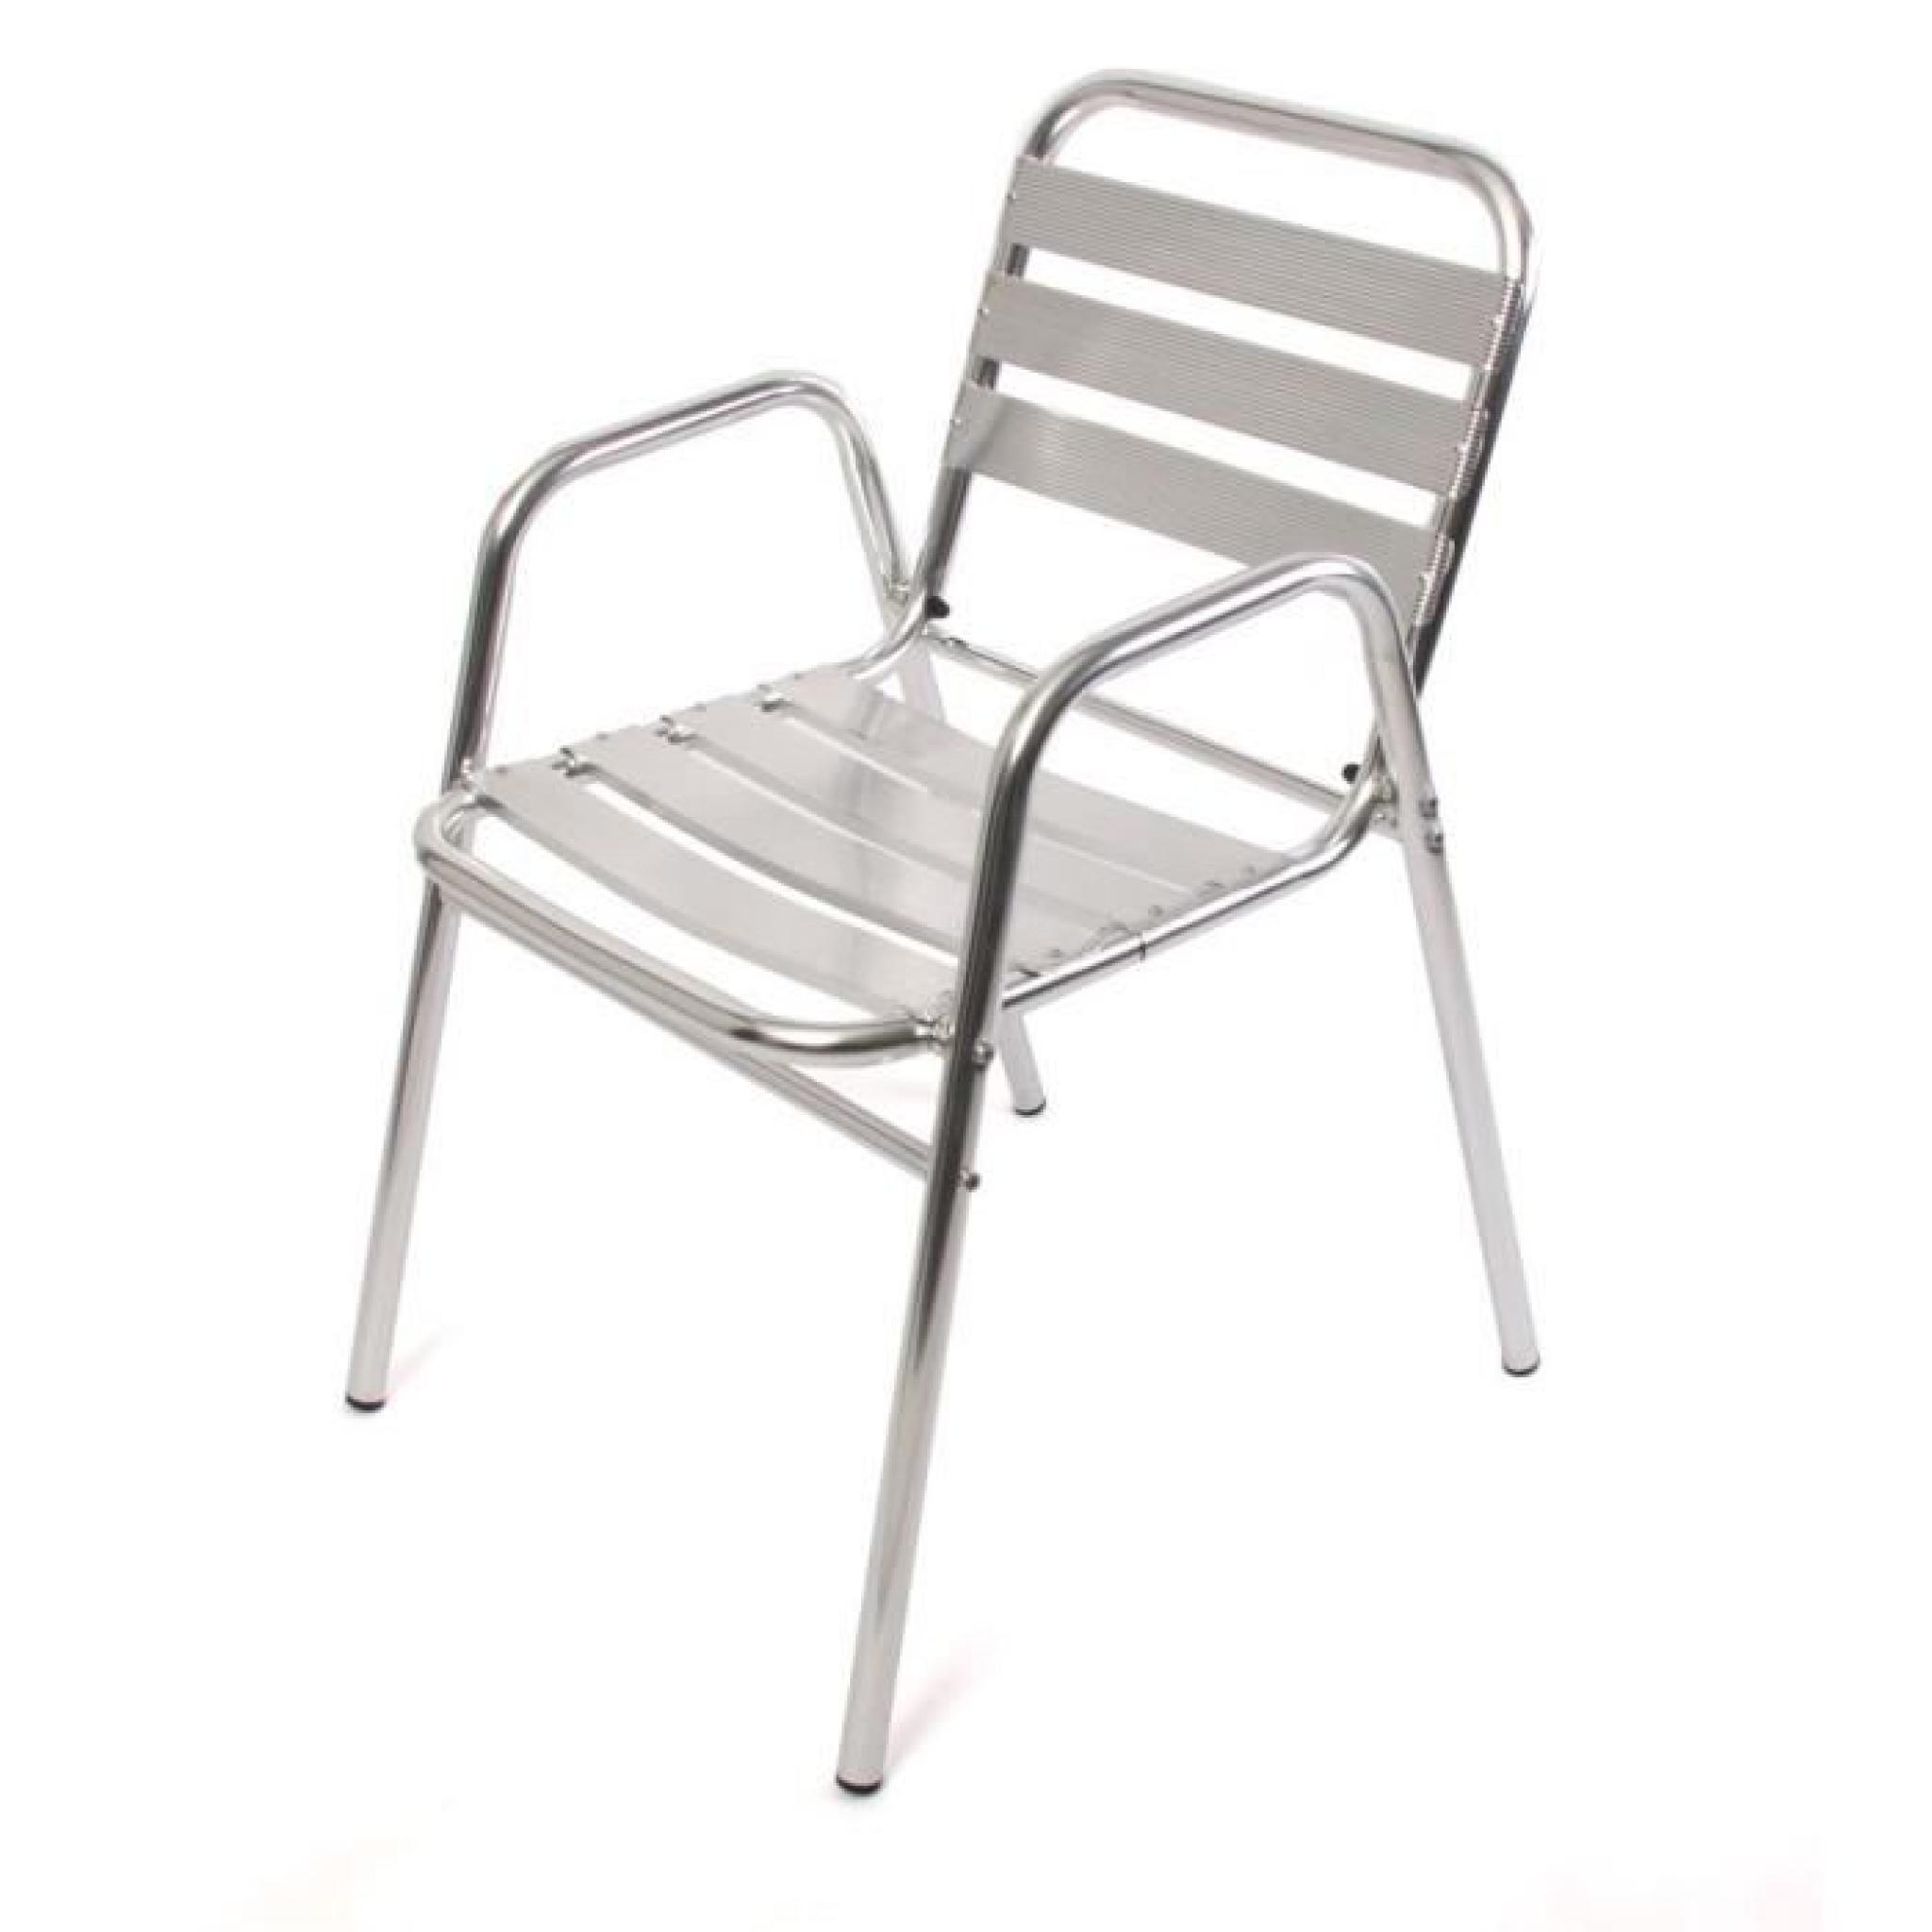 Ensemble bistrot m28 aluminium achat vente salon de - Salon de jardin bistrot pas cher ...